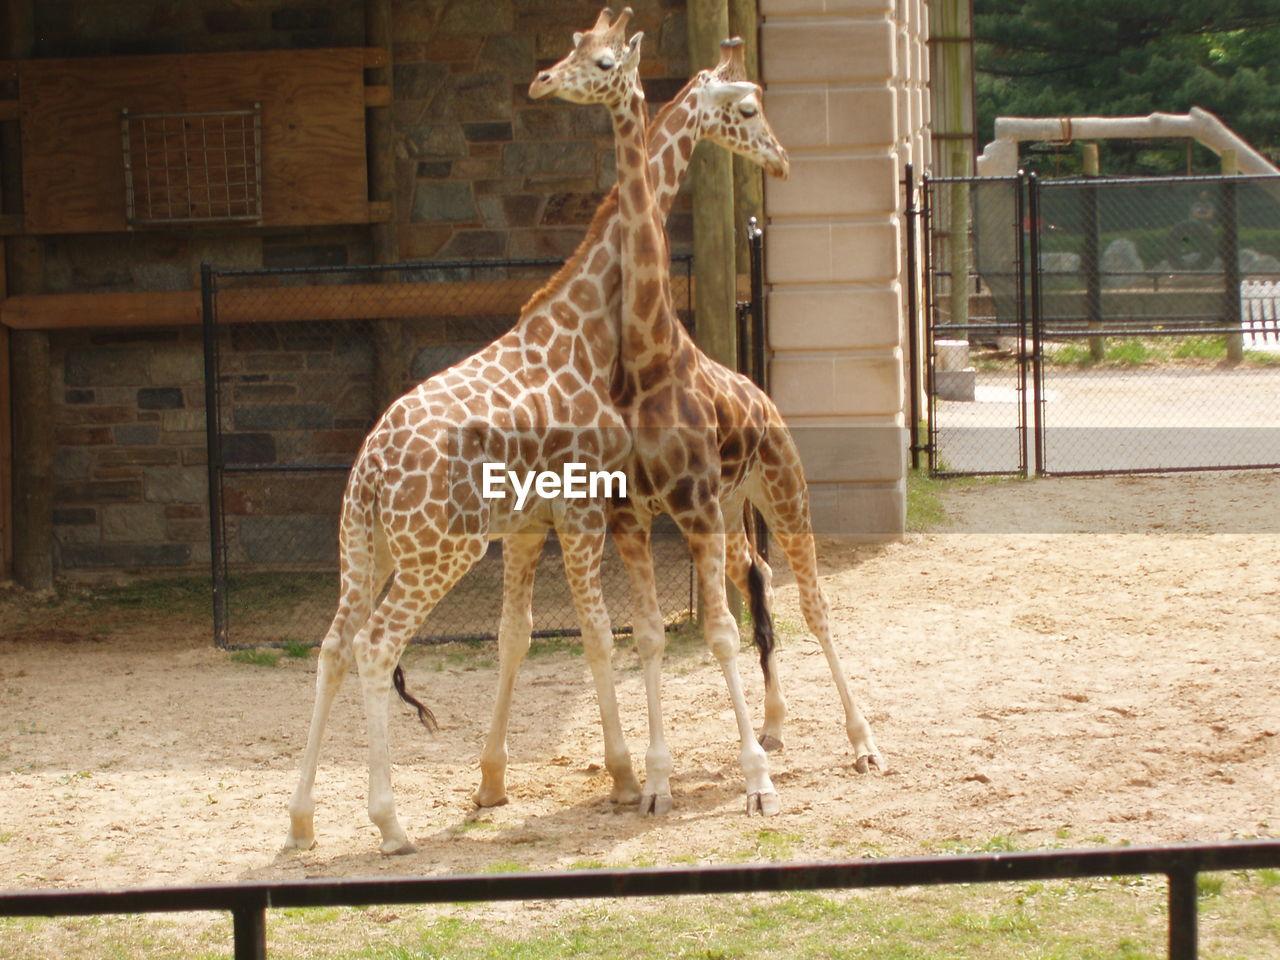 Giraffe calves on field in zoo